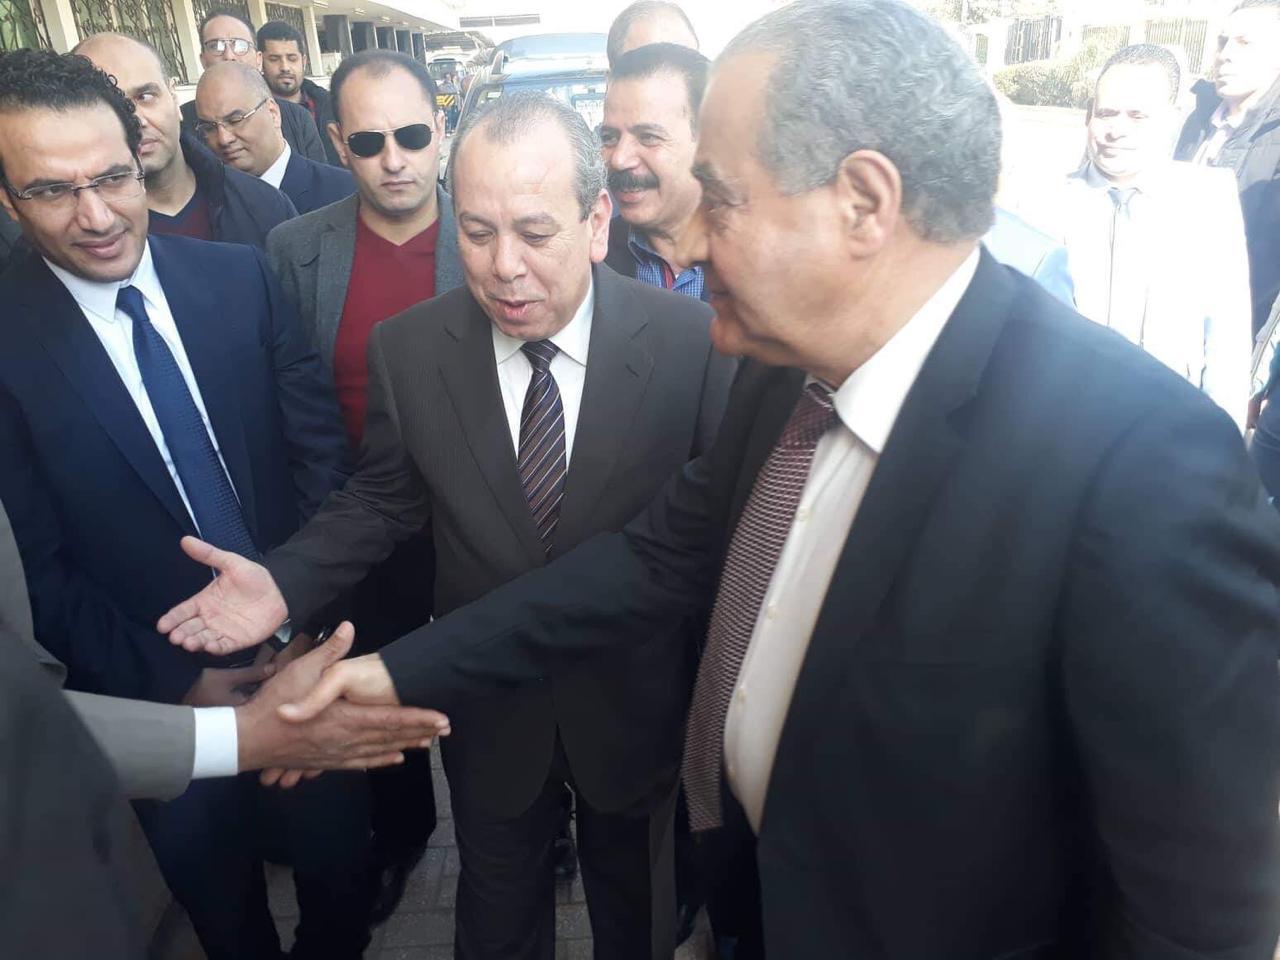 محافظ كفر الشيخ يستقبل وزير التموين لافتتاح أعمال تطوير مصنع بنجر السكر